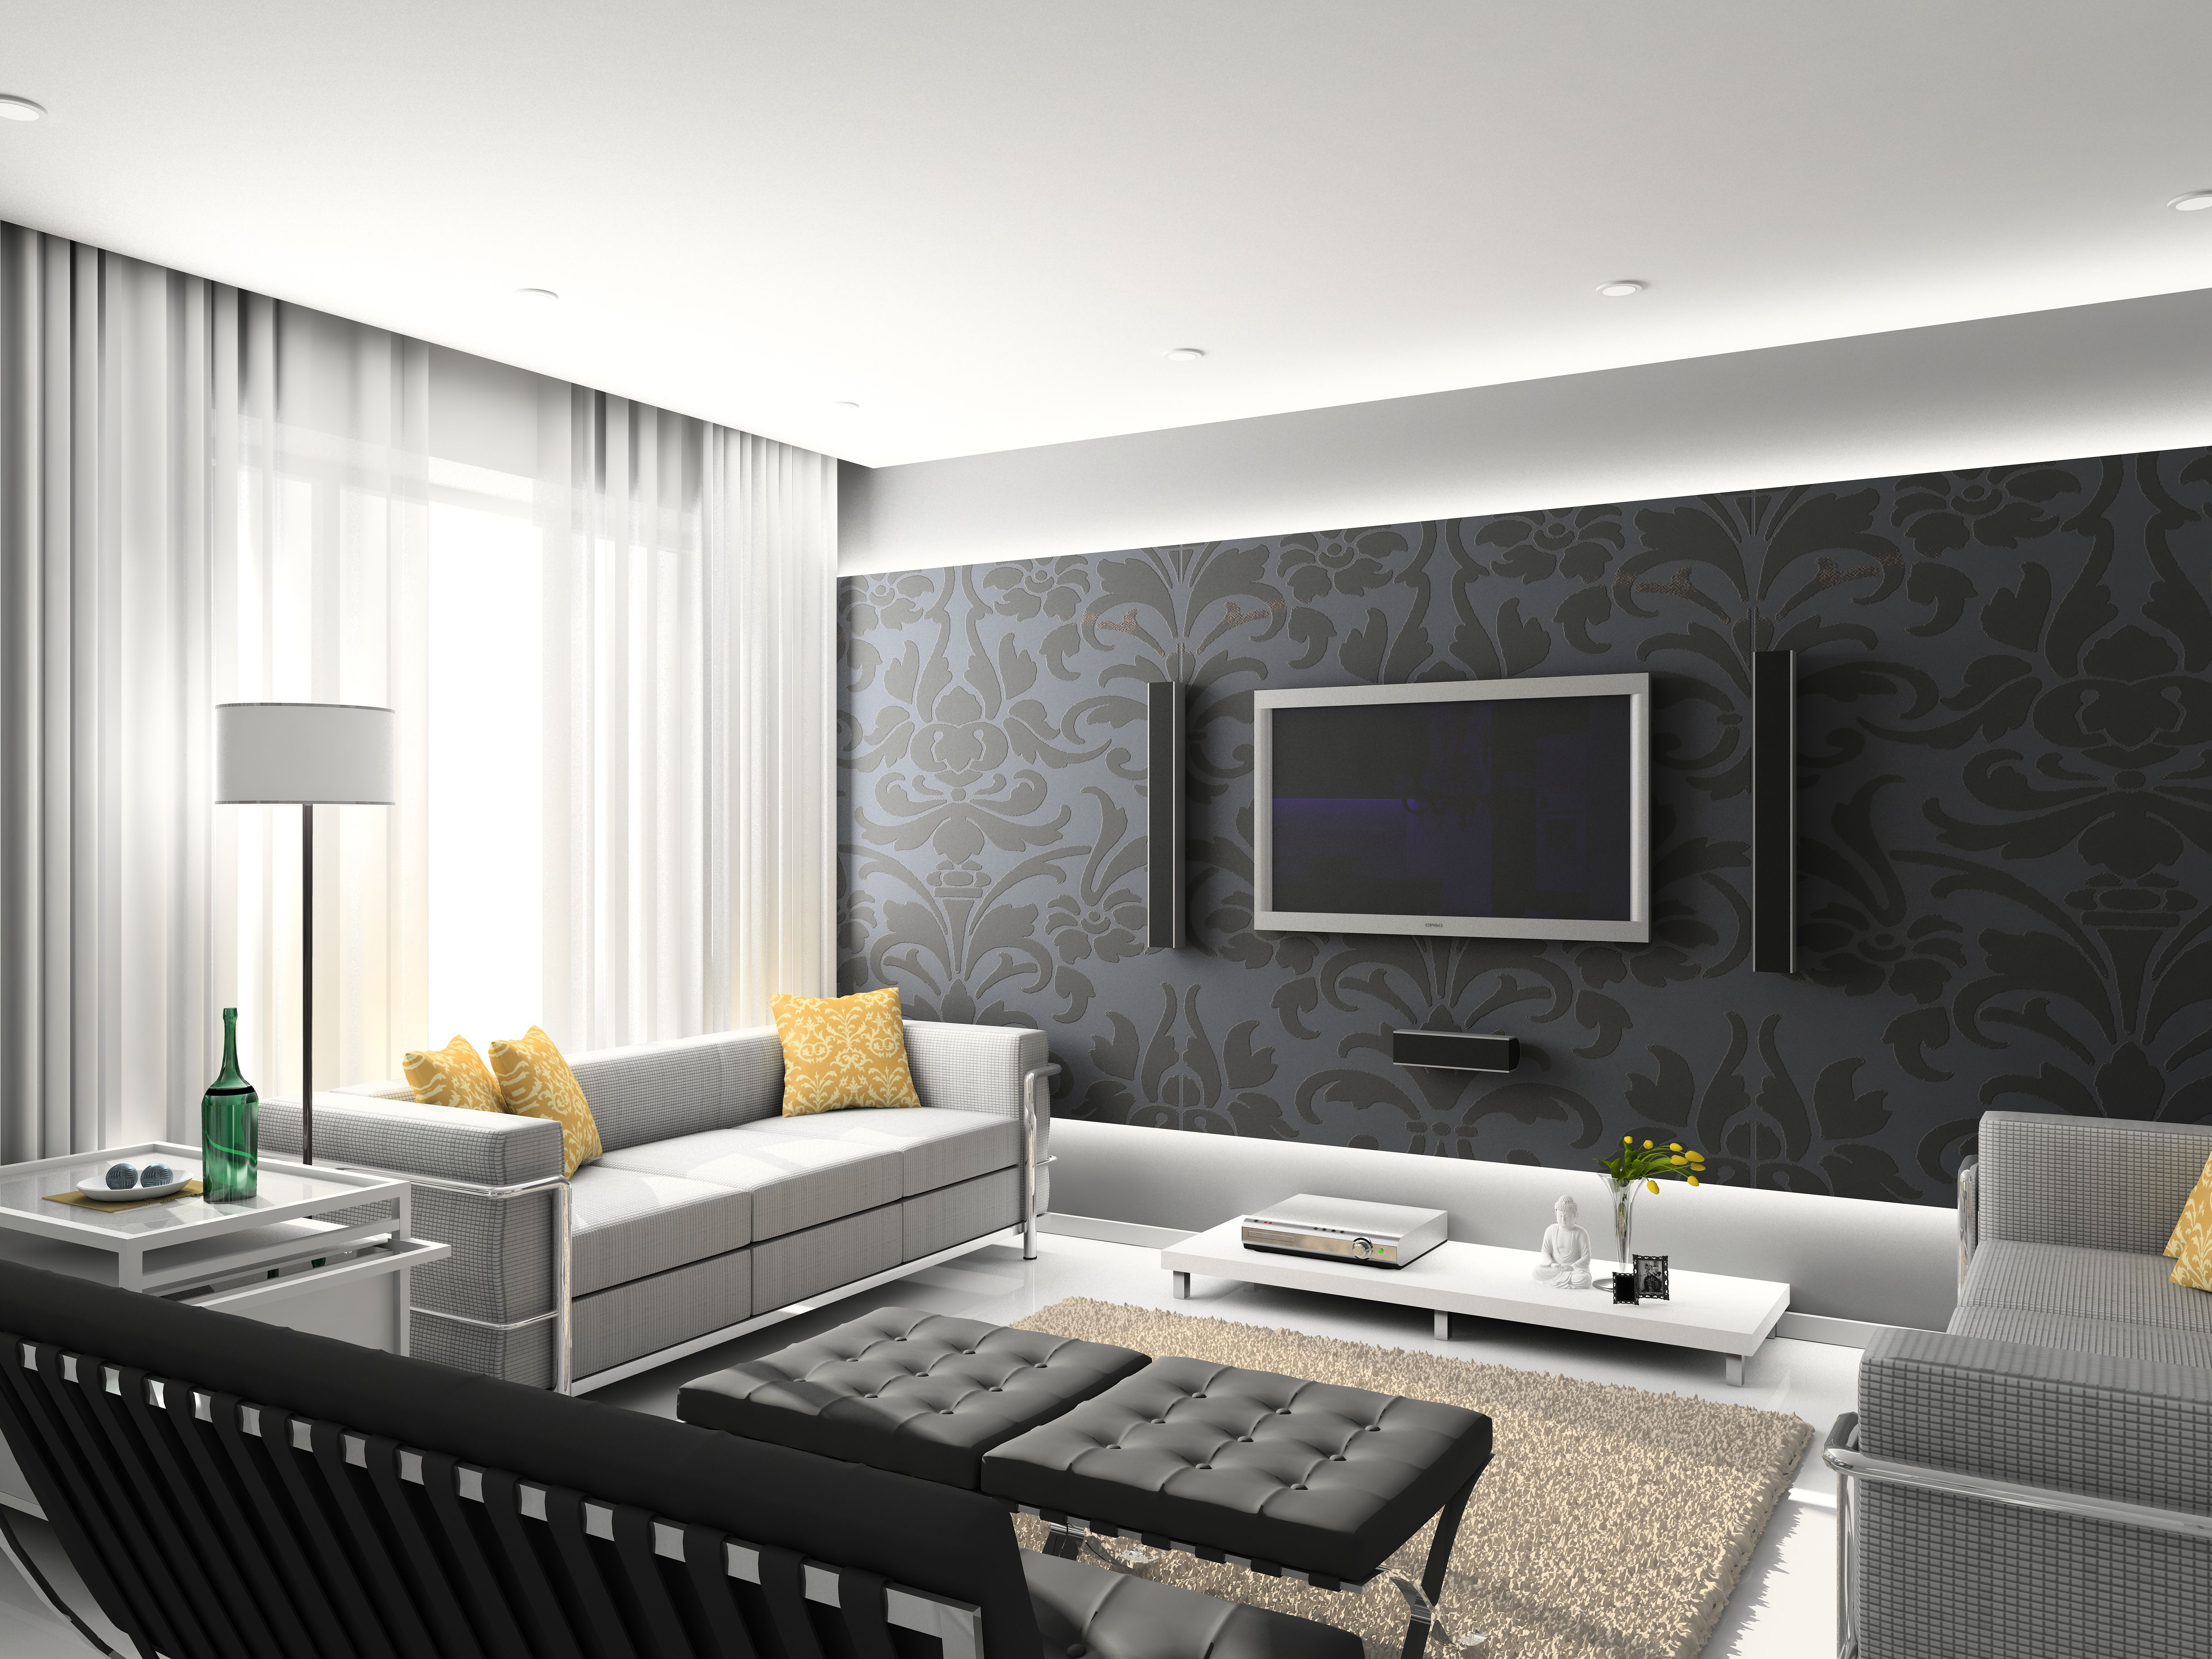 Modern grey floral wallpaper design for living room with for Living room wallpaper